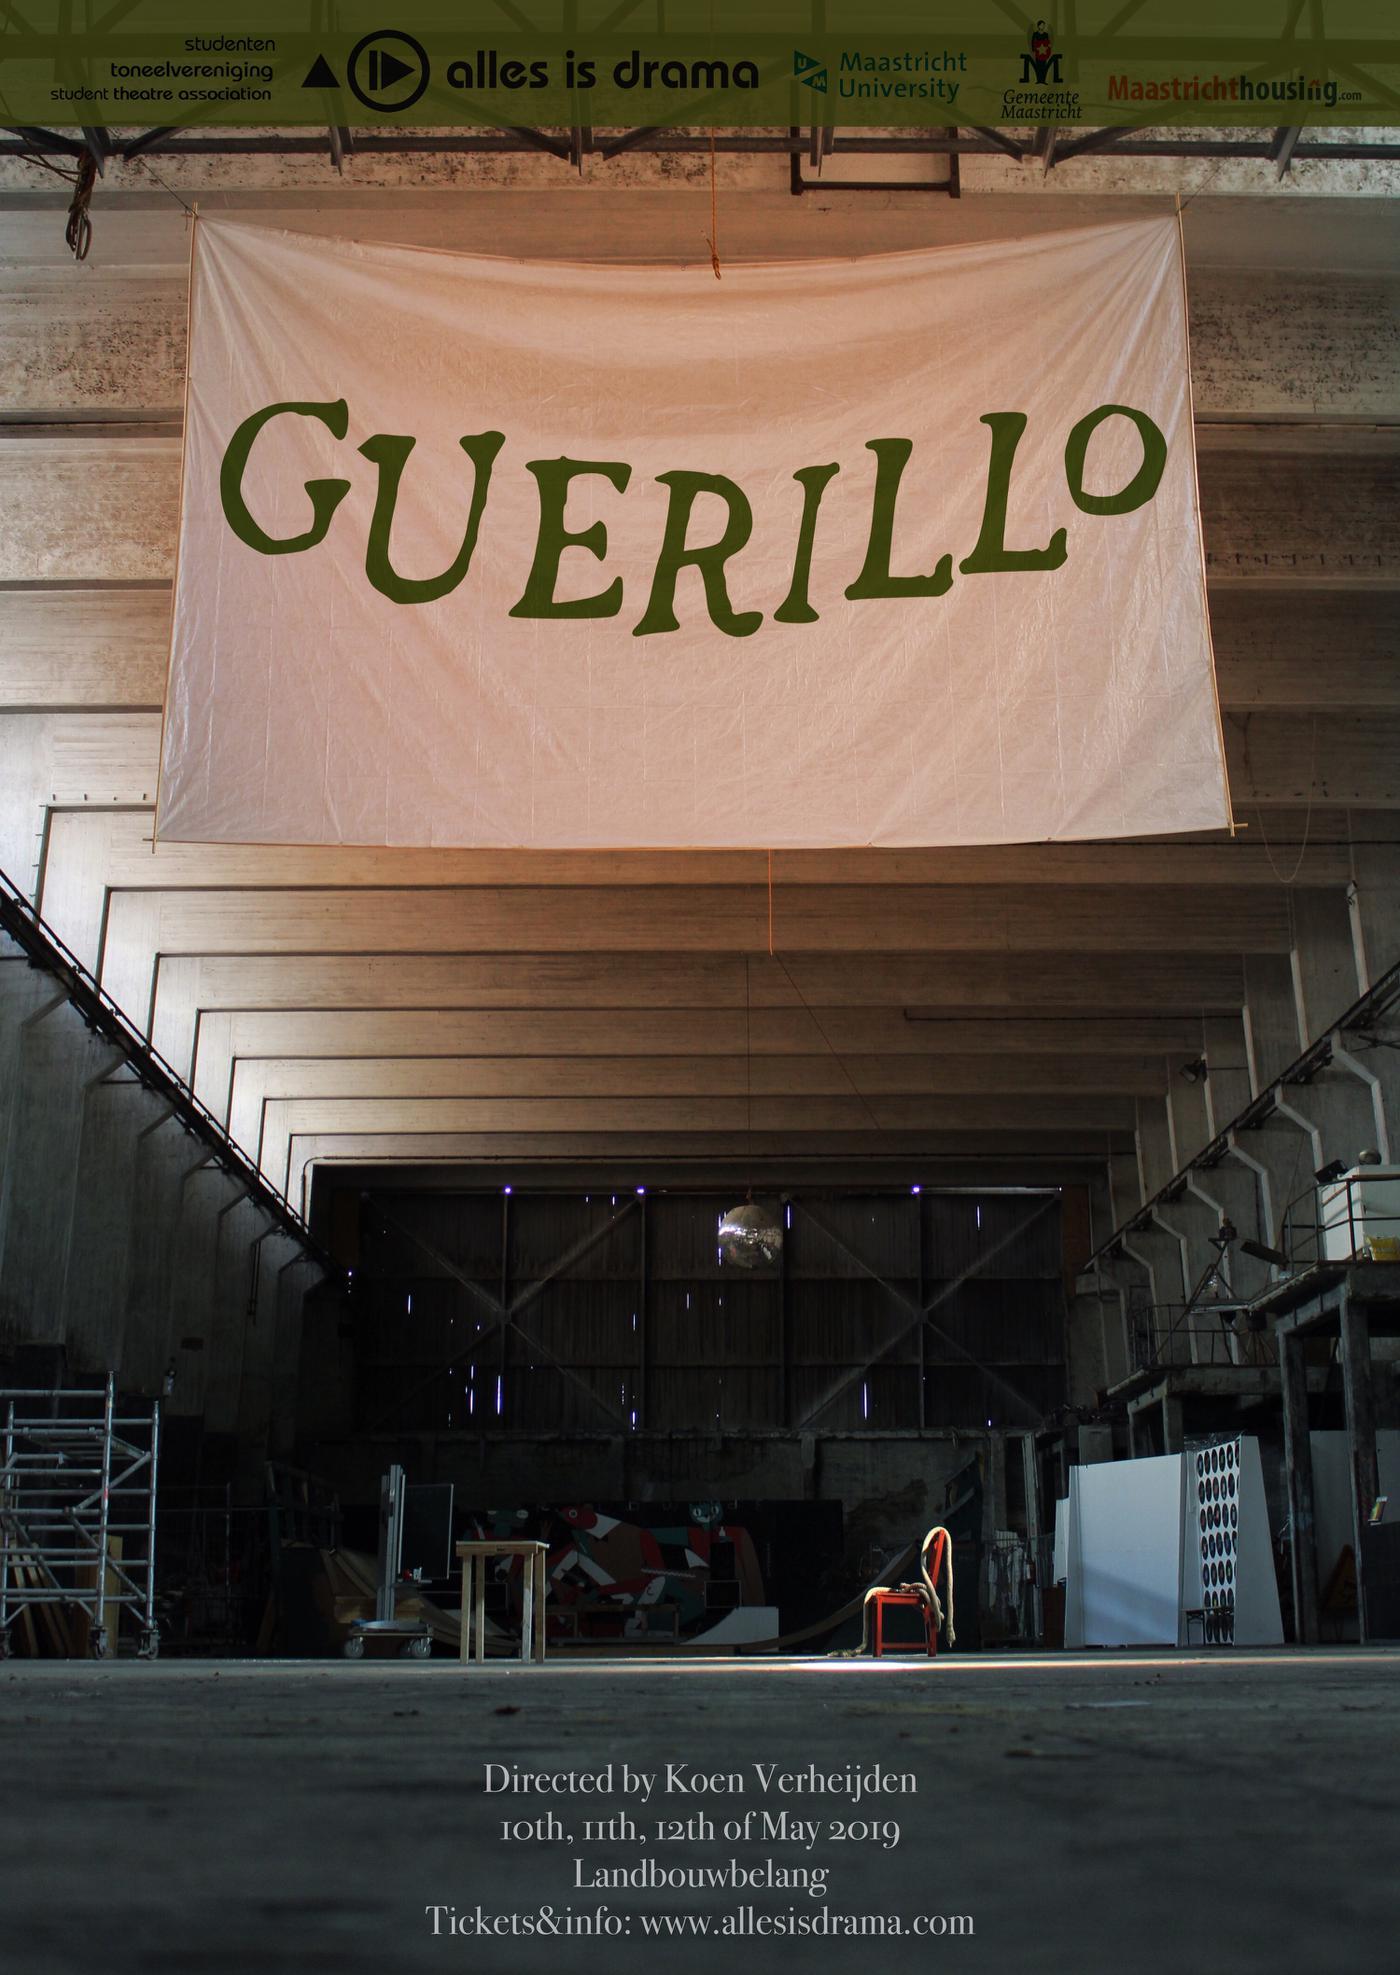 Guerillo